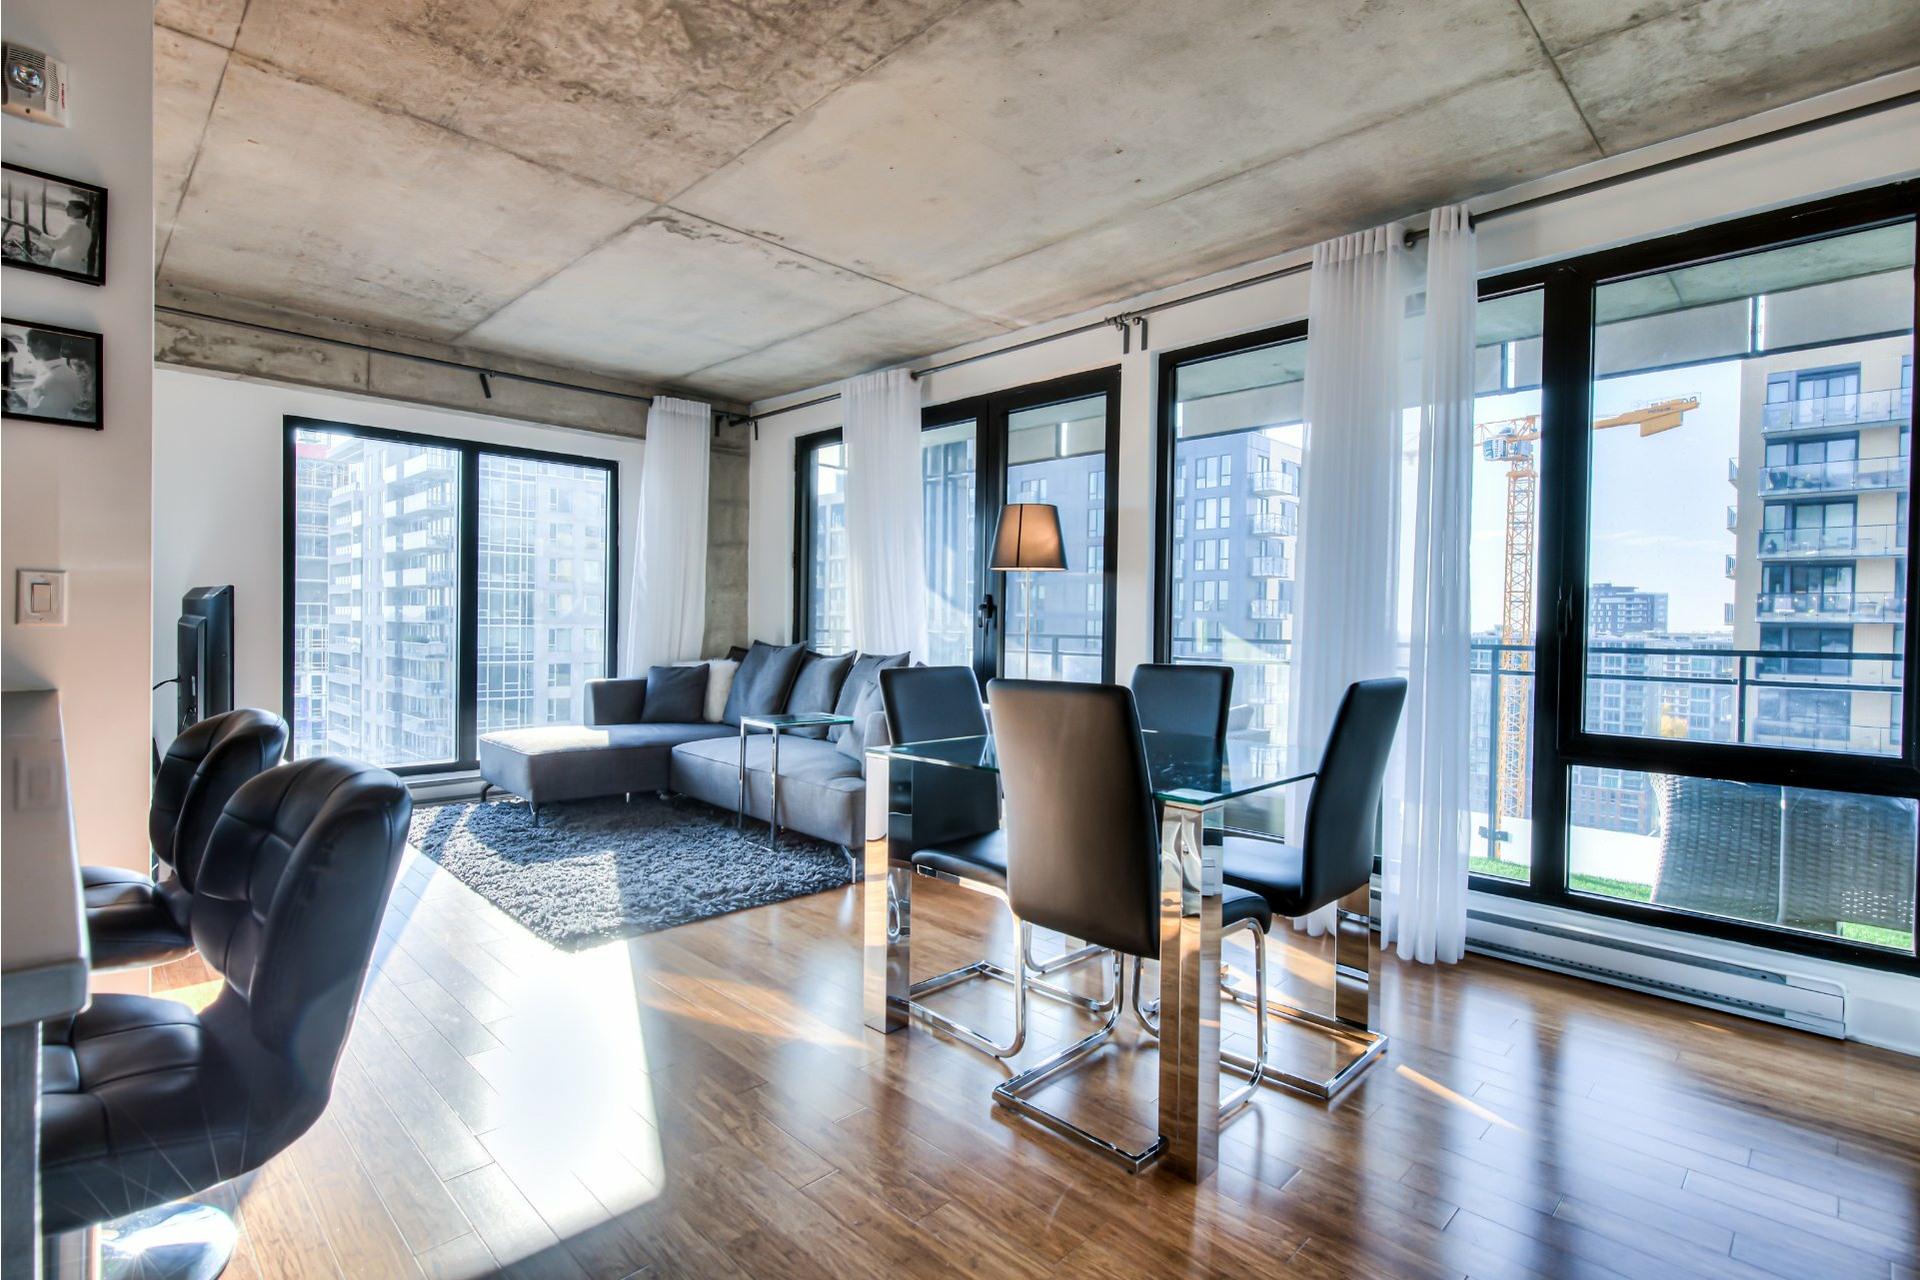 image 4 - Appartement À vendre Le Sud-Ouest Montréal  - 6 pièces